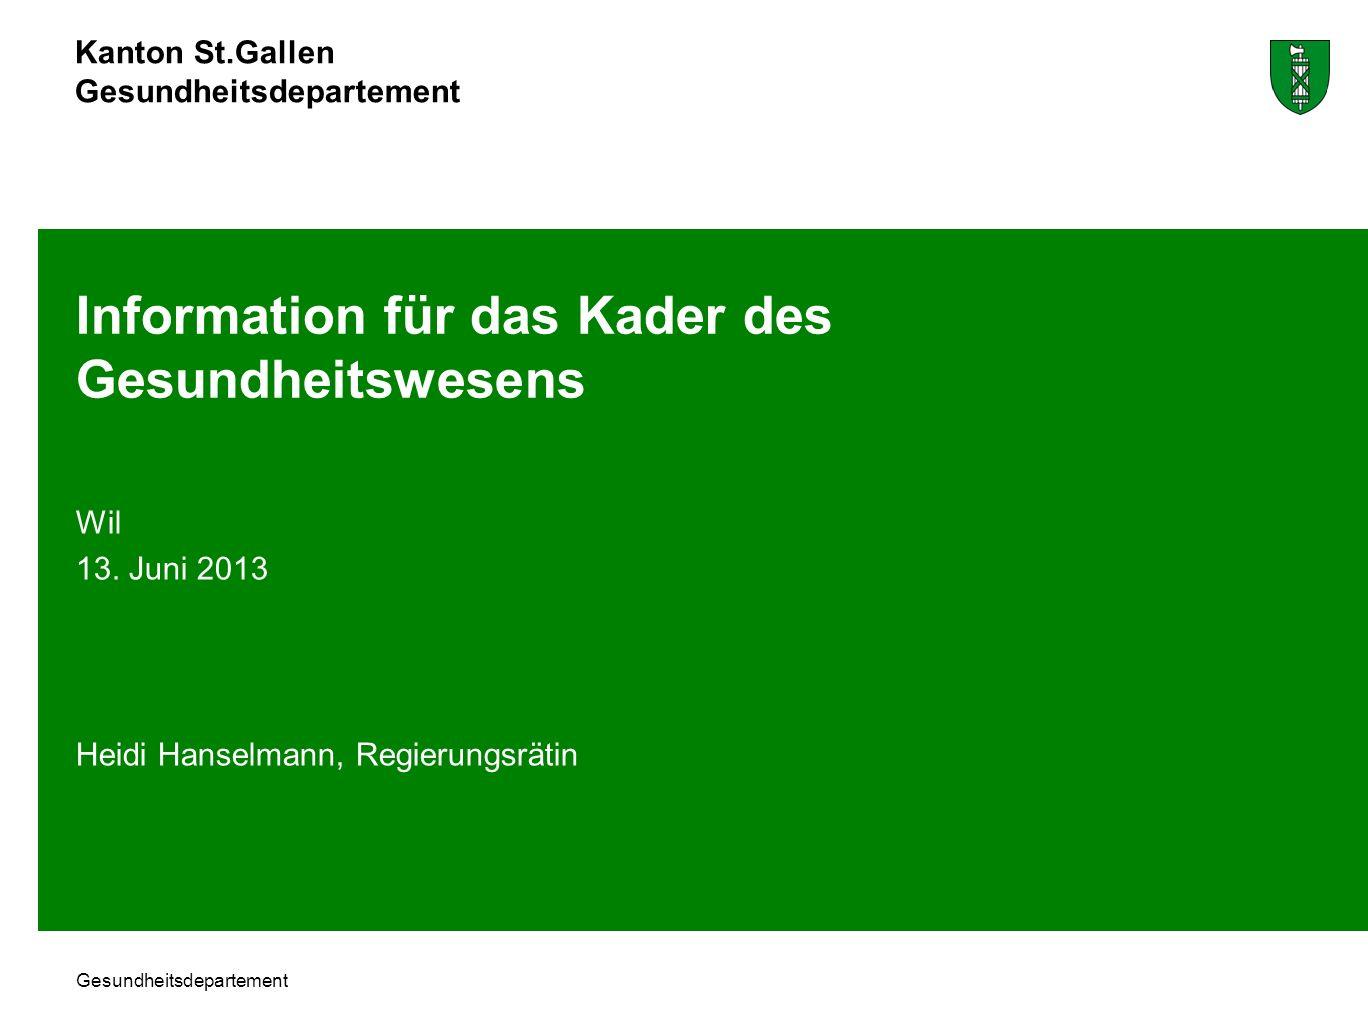 Kanton St.Gallen Gesundheitsdepartement Information für das Kader des Gesundheitswesens Wil 13. Juni 2013 Heidi Hanselmann, Regierungsrätin